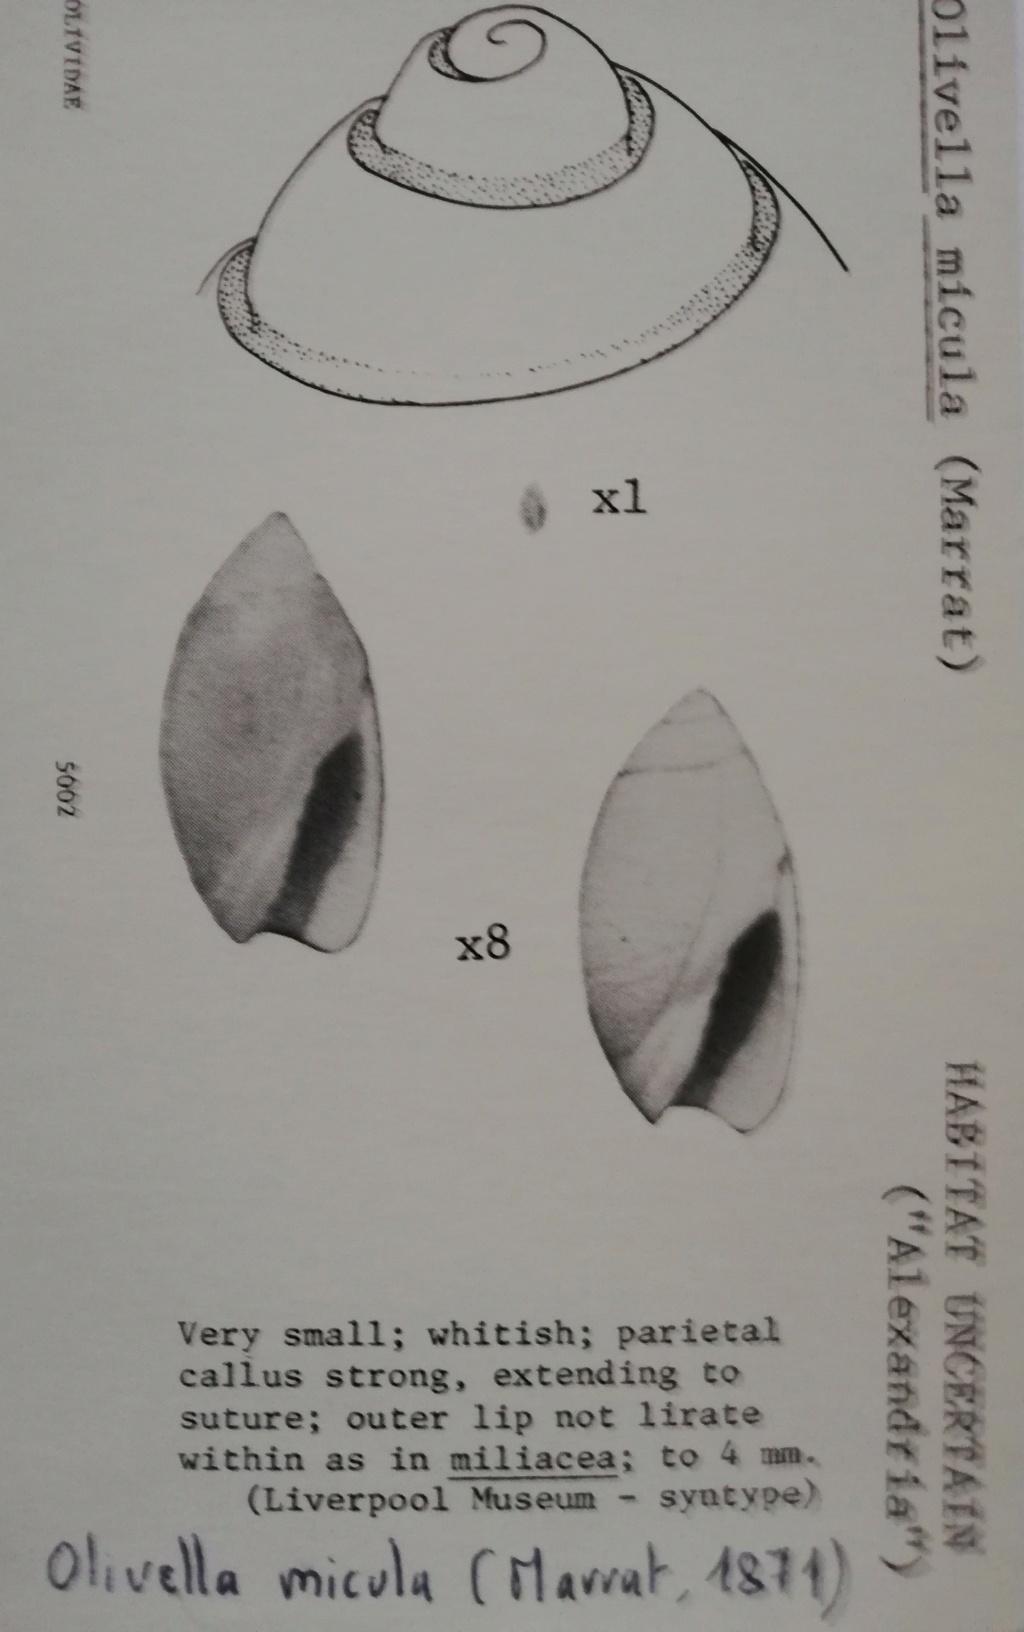 Olivella micula (Marrat, 1871) Olivel25